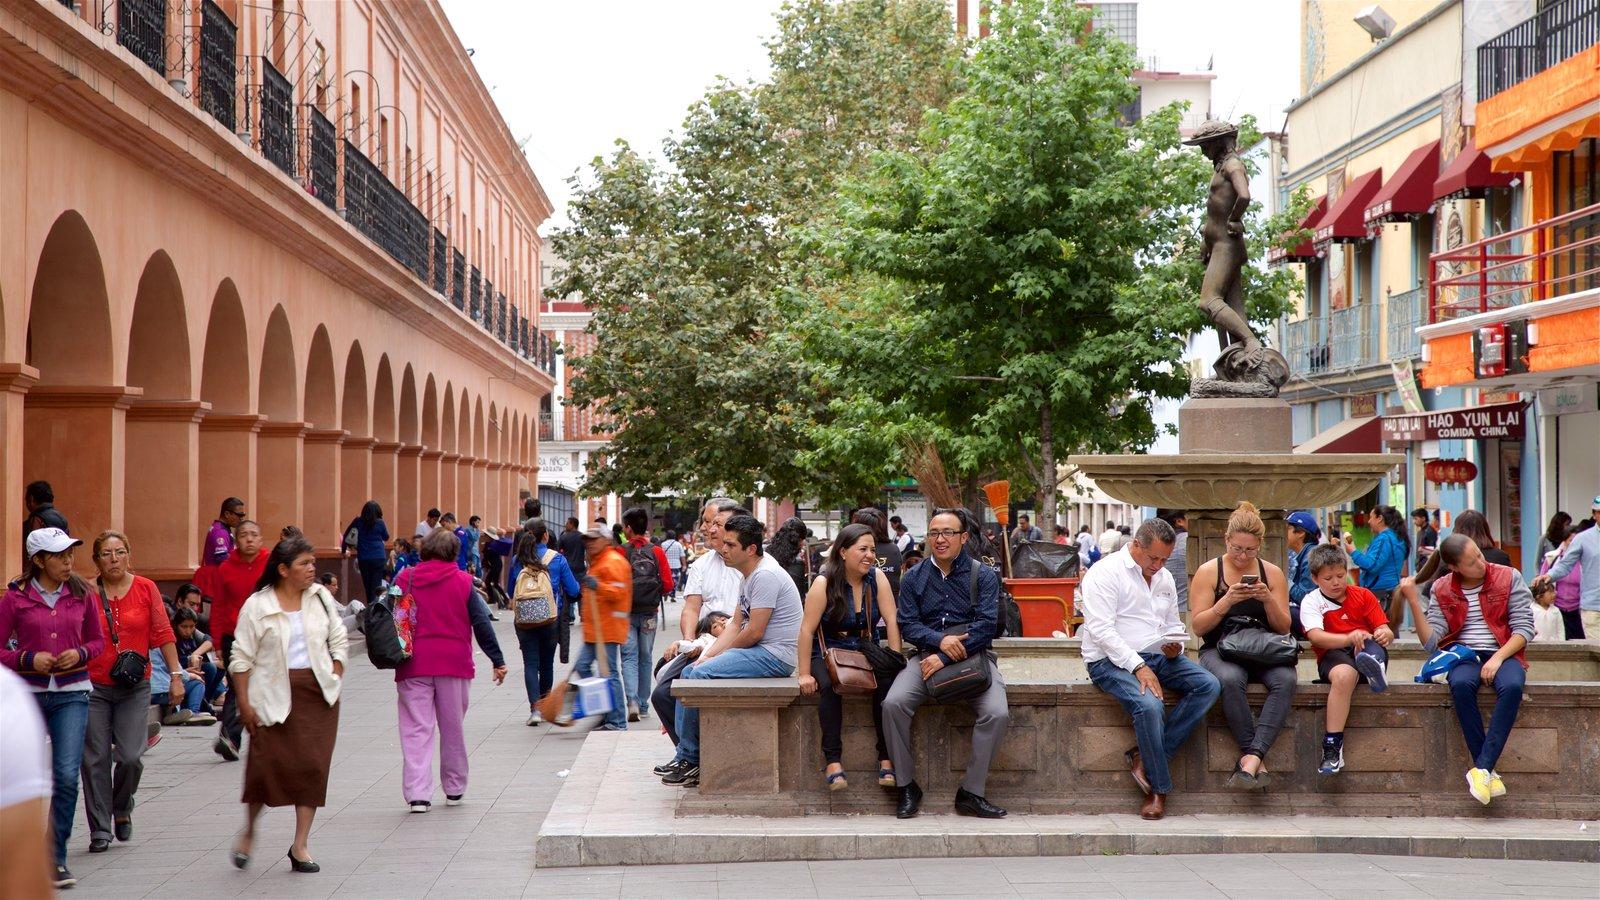 Toluca que incluye un parque o plaza y una fuente y también un pequeño grupo de personas